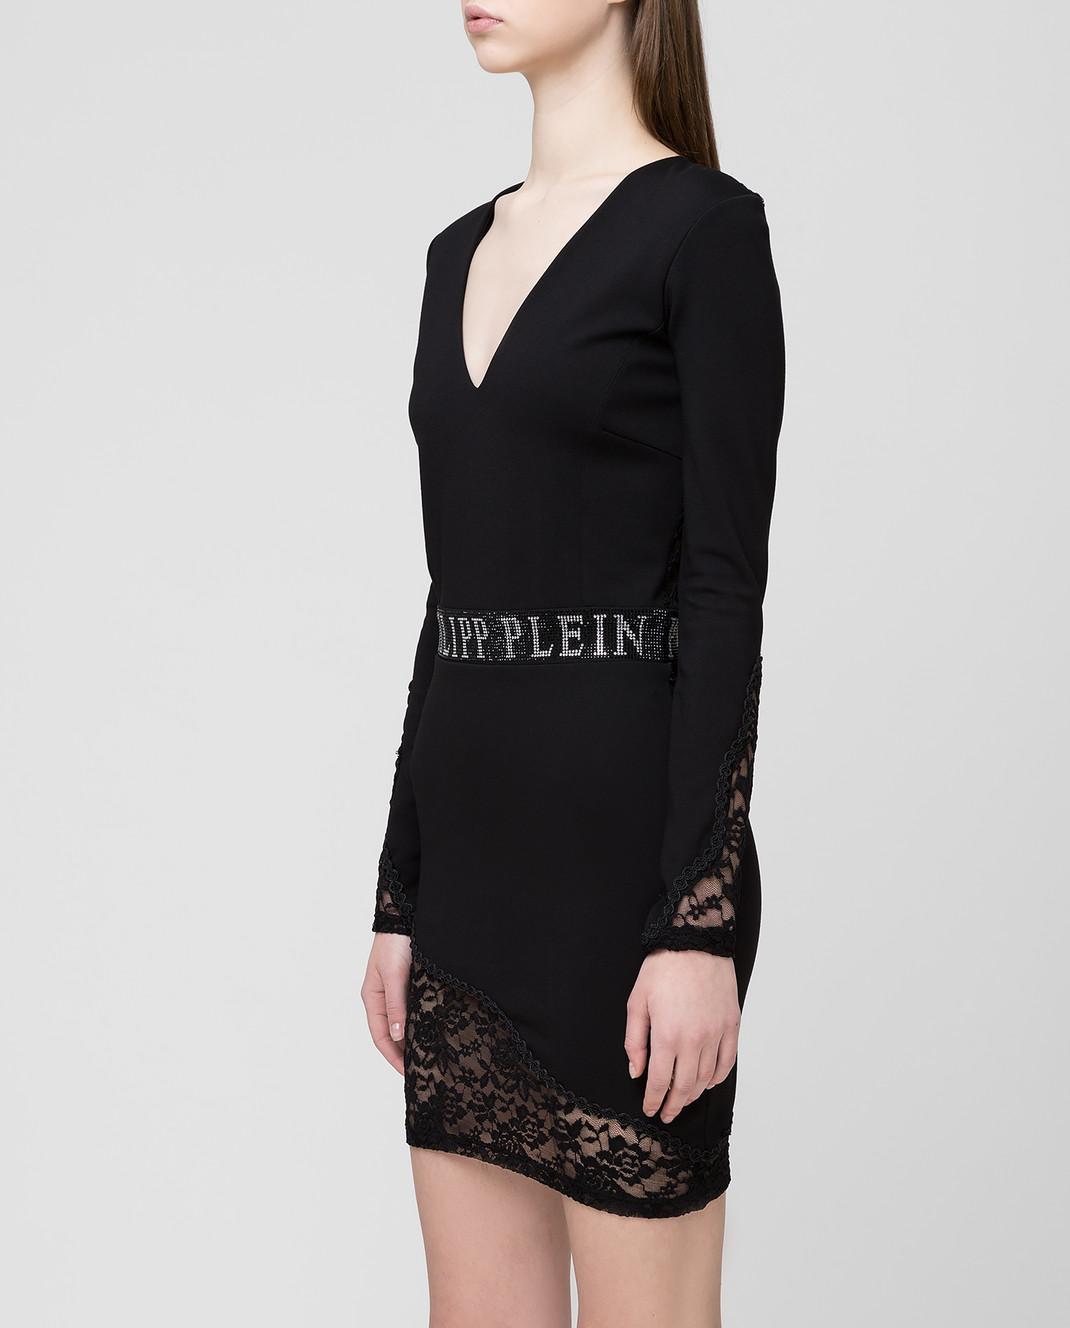 Philipp Plein Черное платье WRG0828 изображение 3